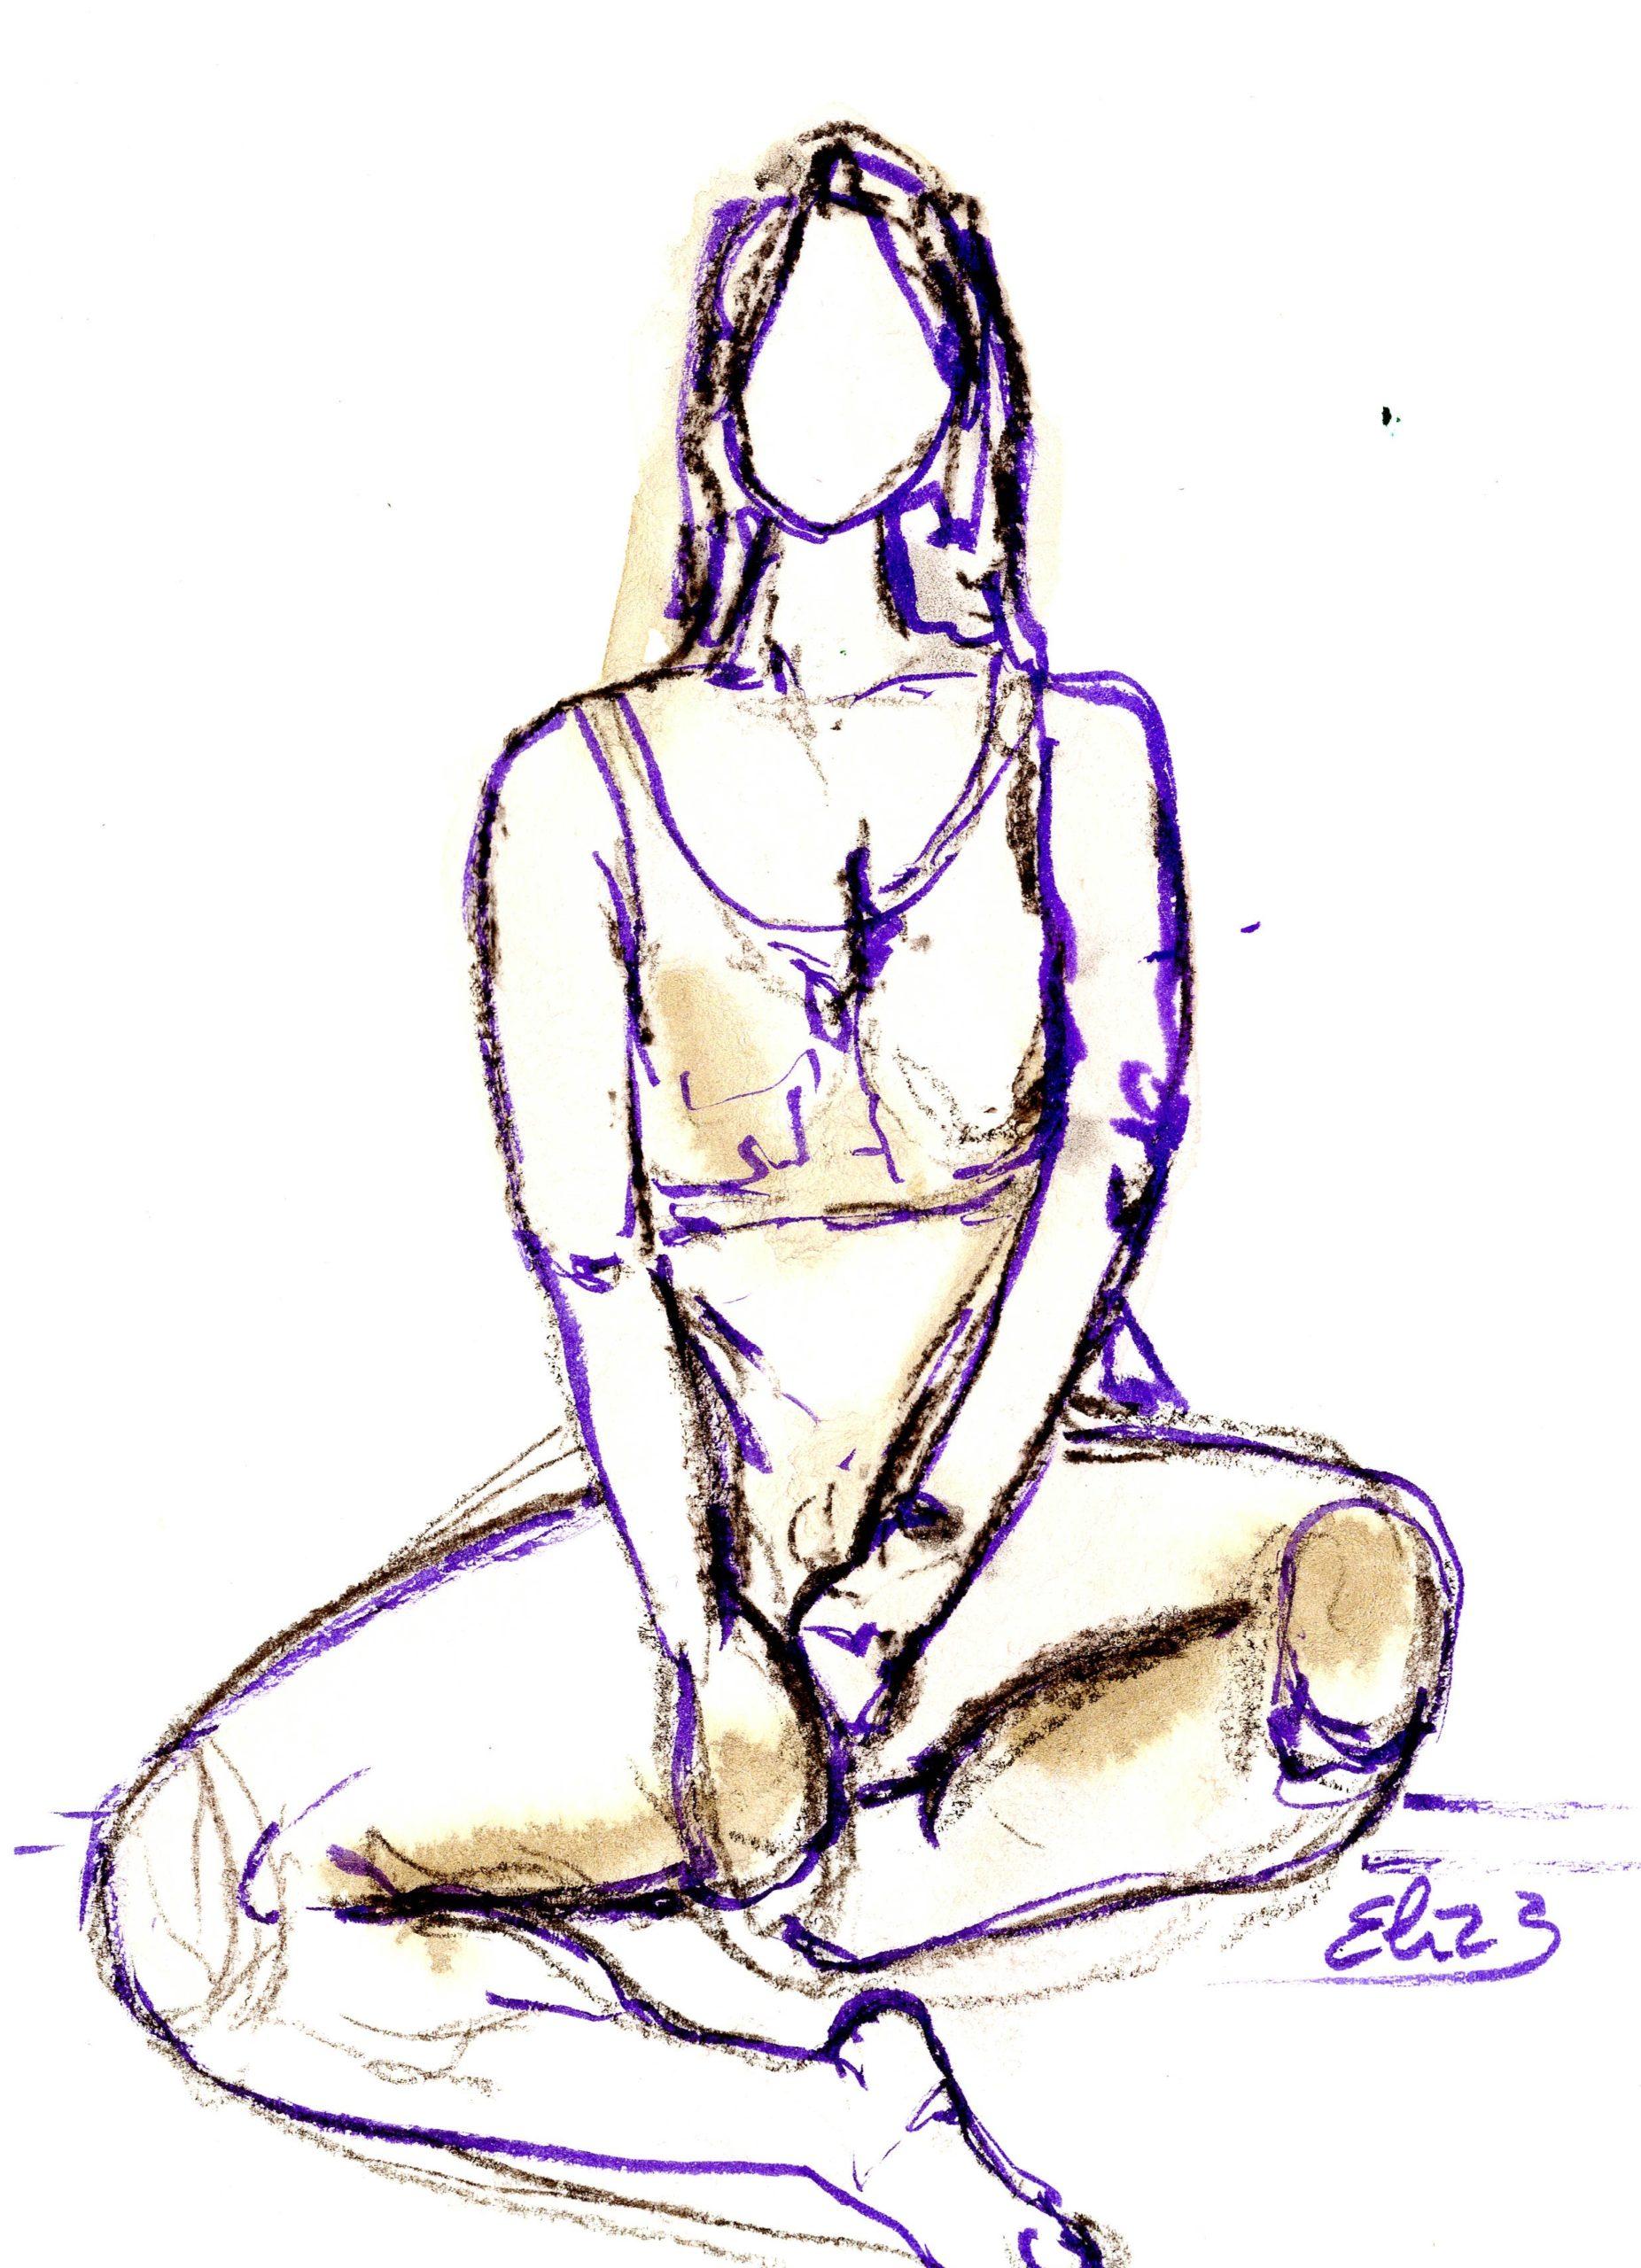 esquisse Elize pigmentropie sensualité